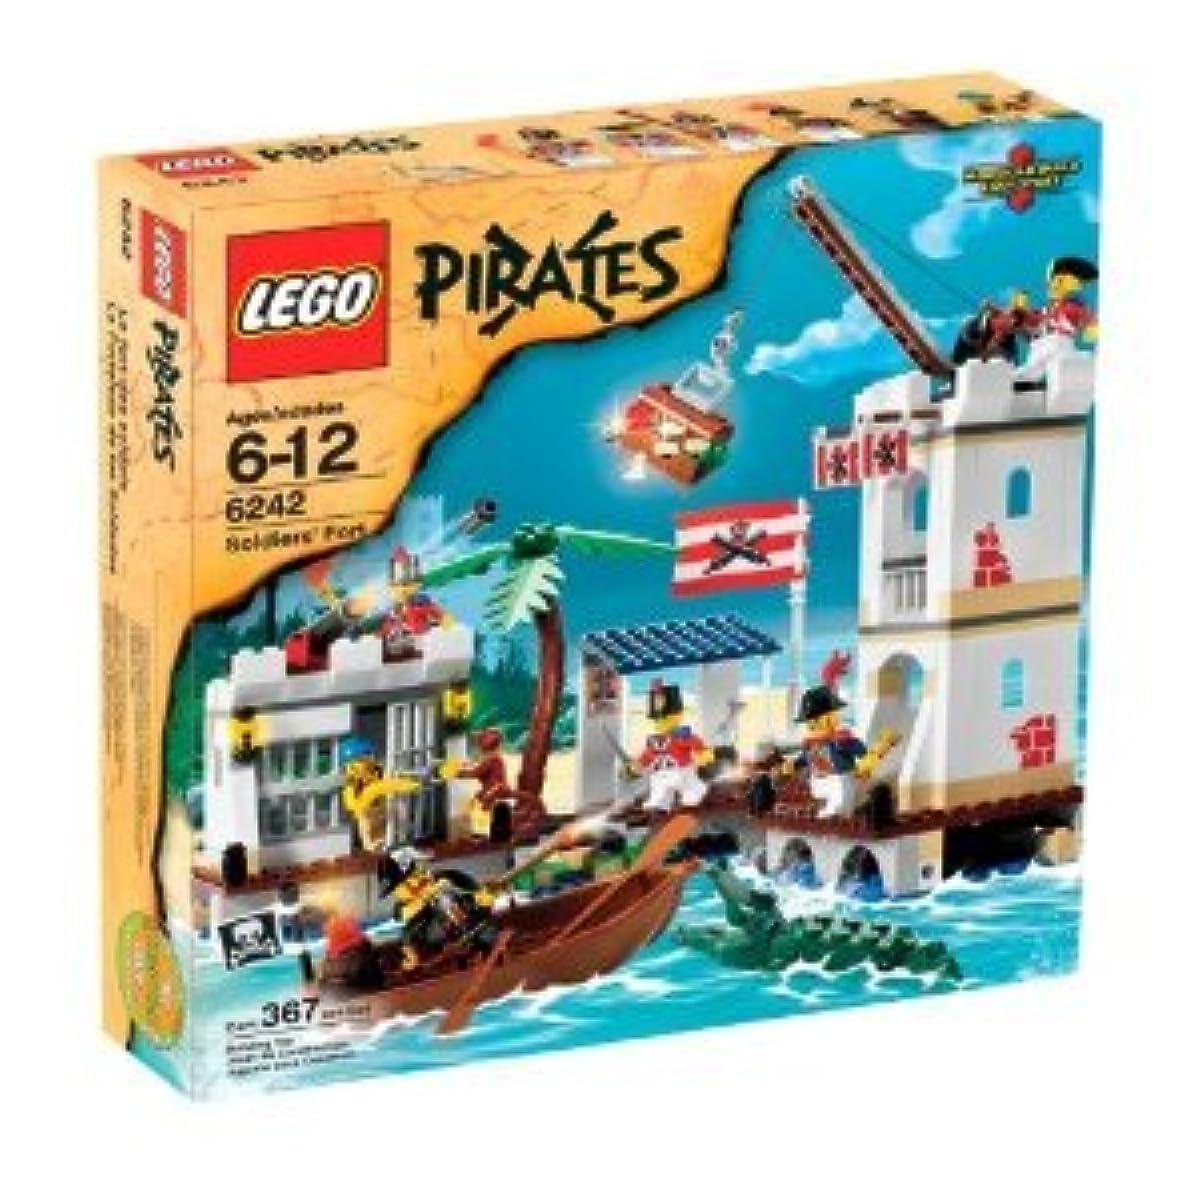 [해외] LEGO(레고) PIRATES (파이럿)SOLDIERS' FORT (6242)